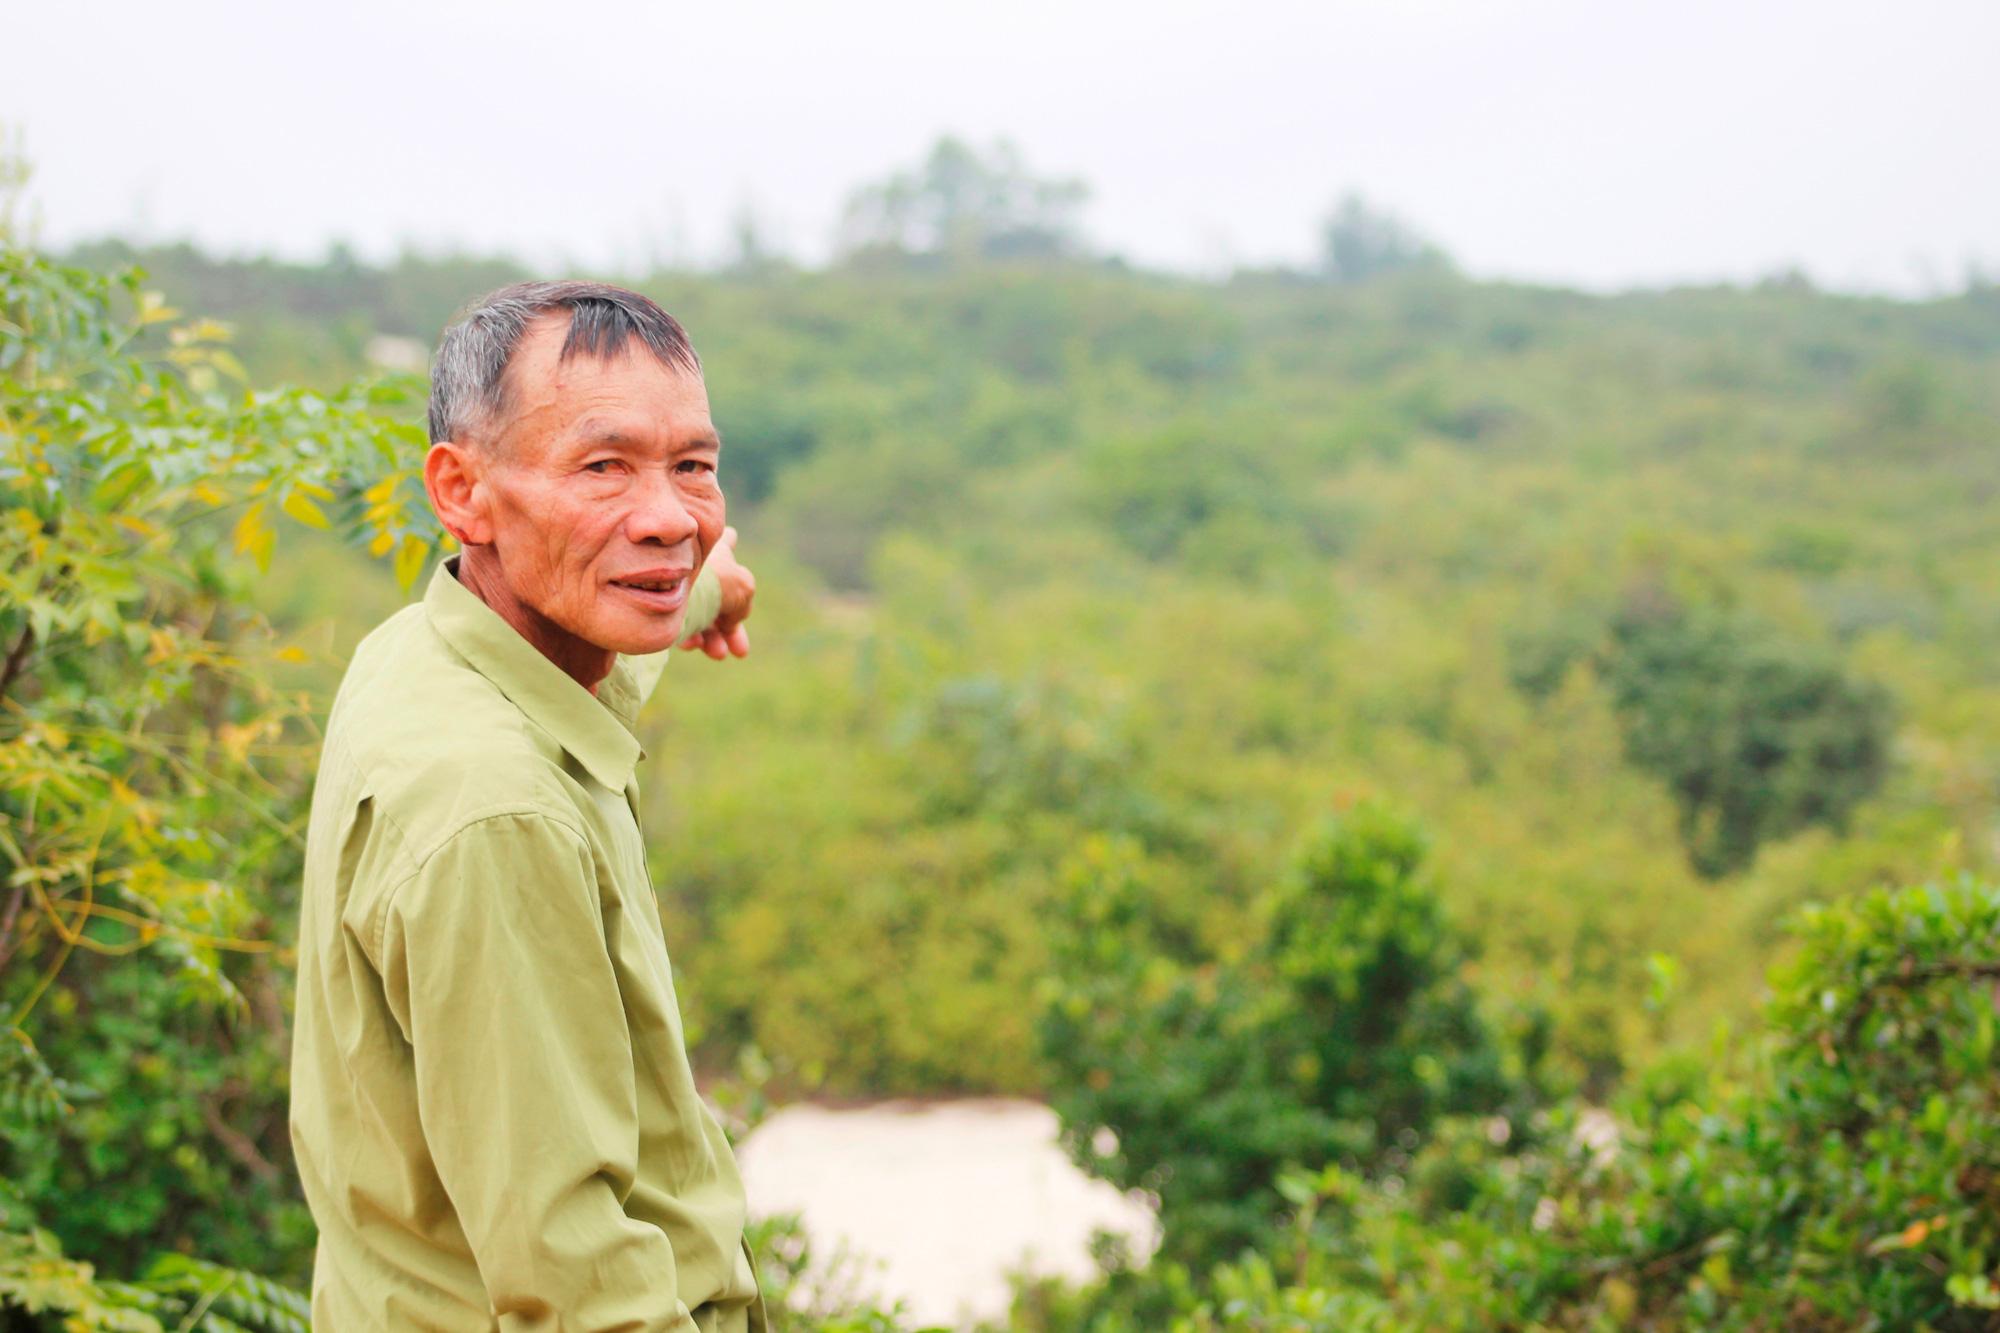 Ông Dương Minh Huy hơn 30 năm làm công tác bảo vệ rừng trâm bầu cổ thụ. Ảnh: PV